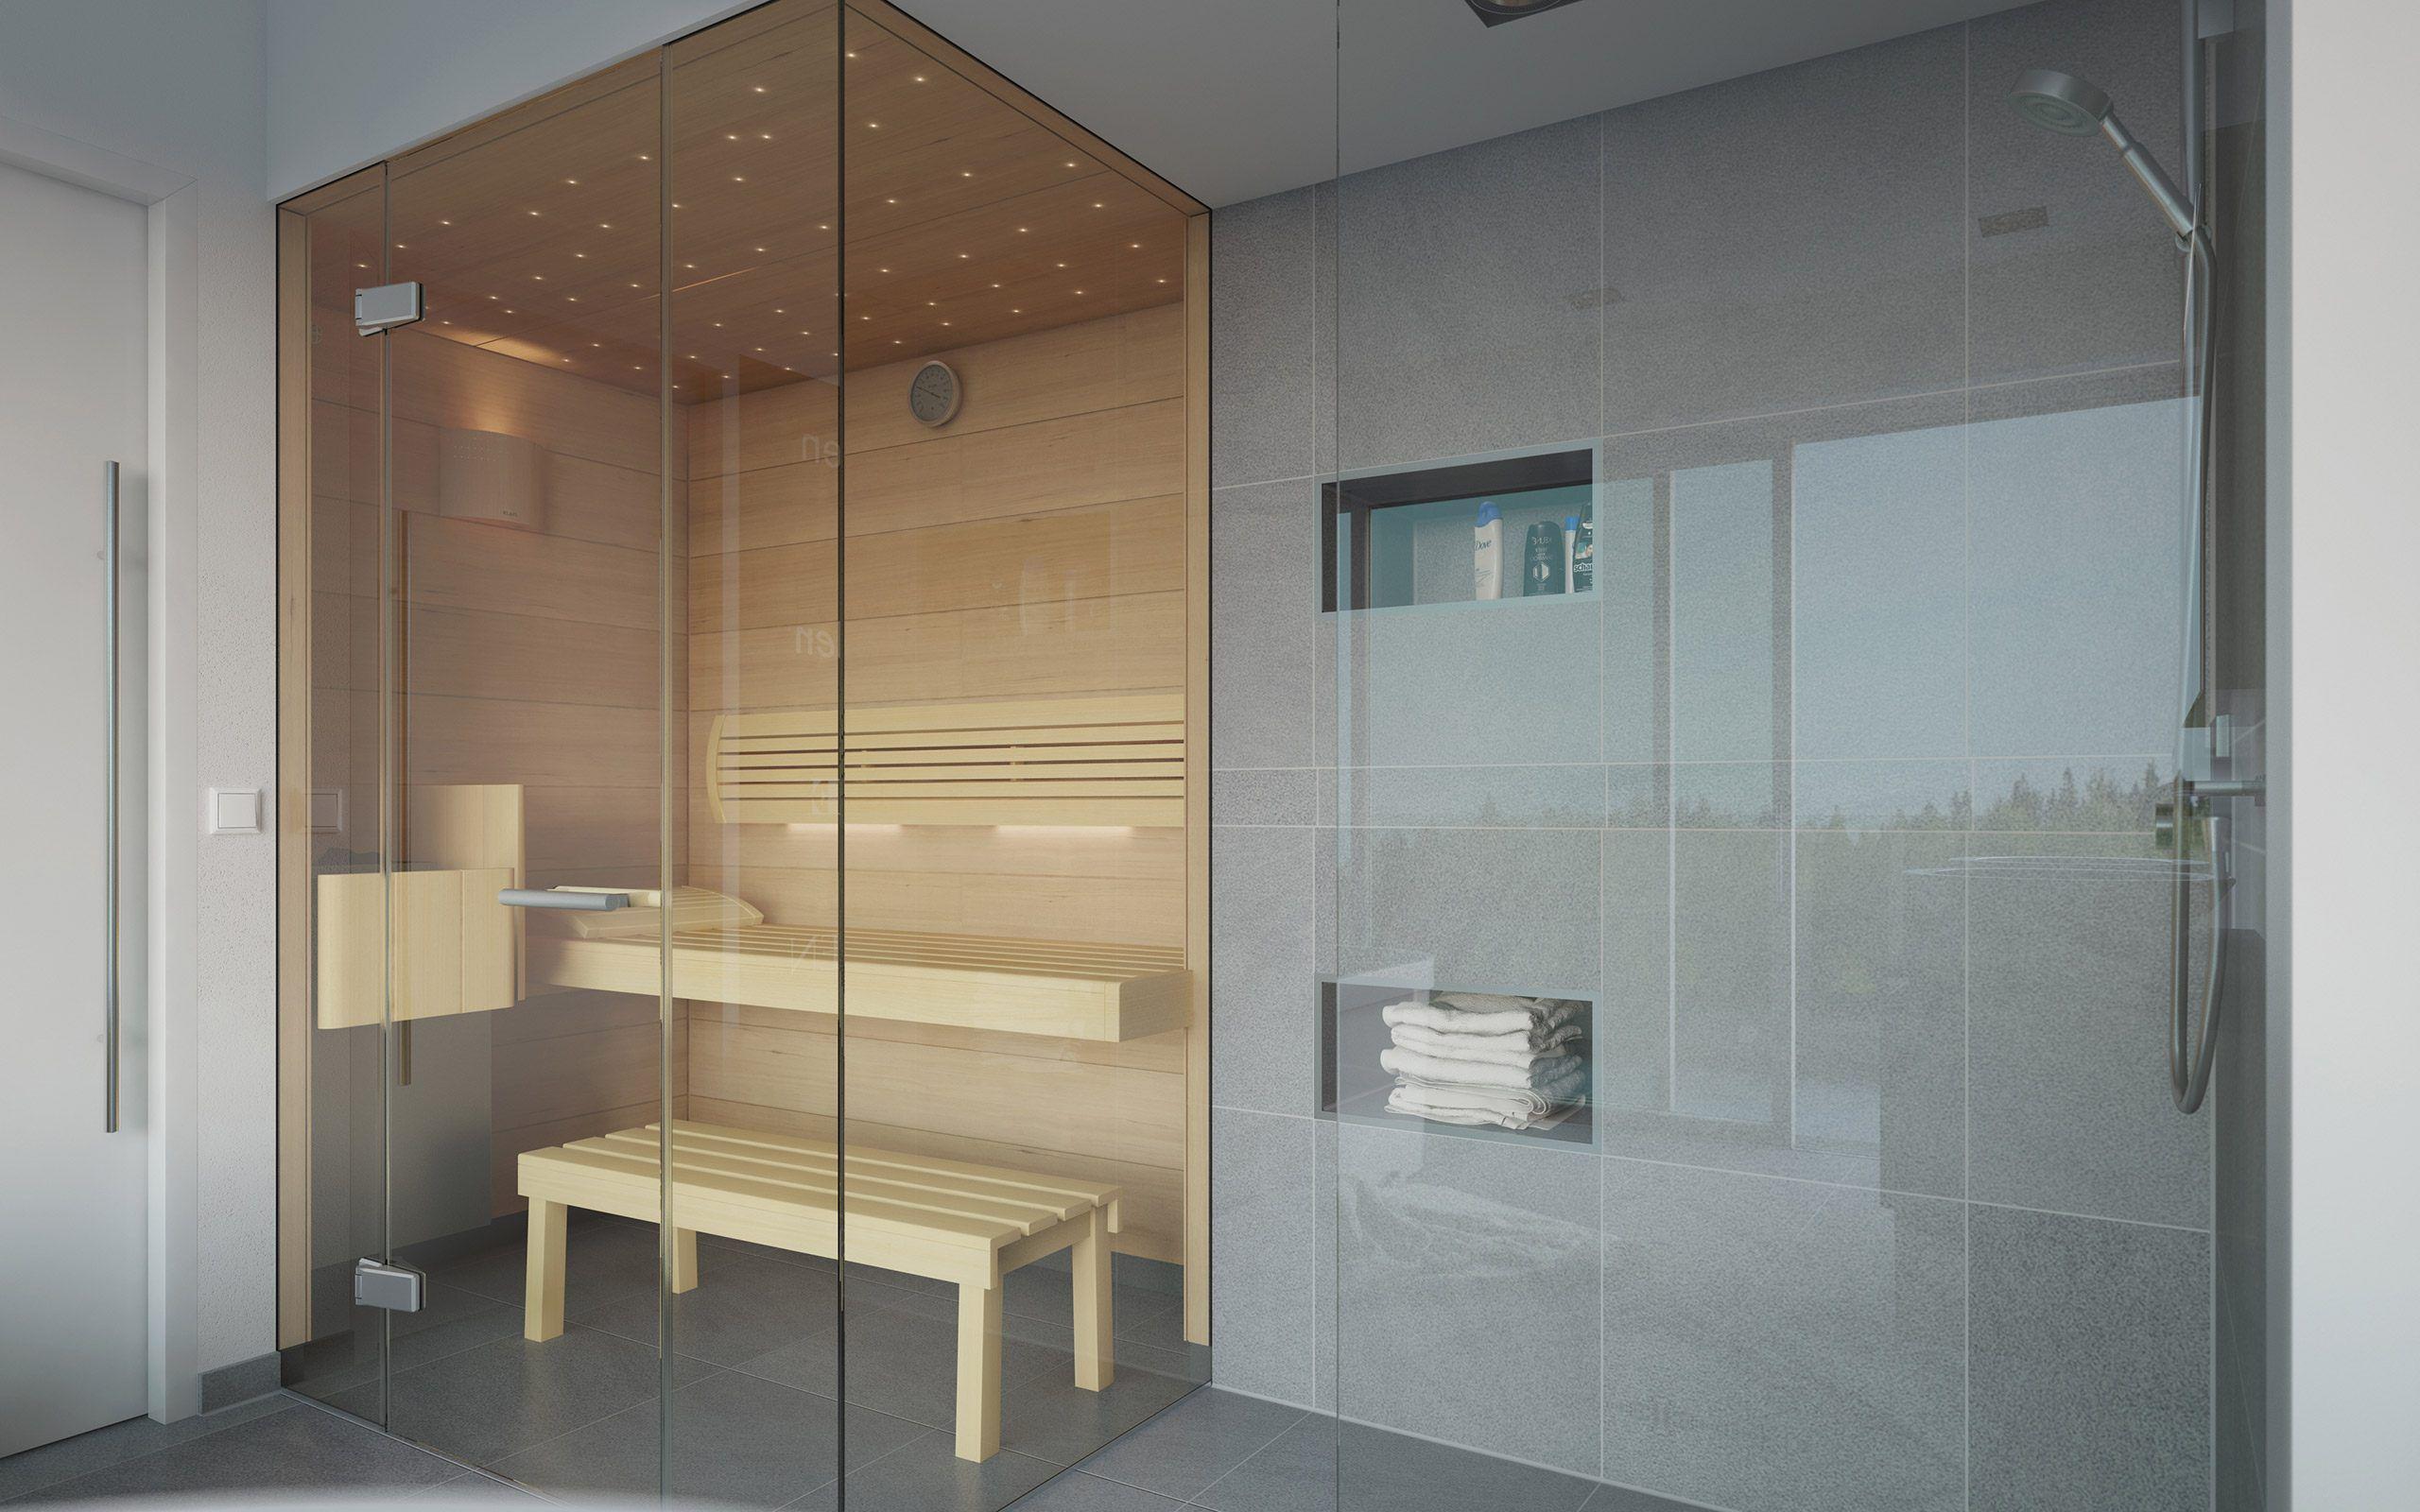 13 Sauna Im Bad Kosten Archives Badezimmer Ideen Mit Bildern Badezimmer Mit Sauna Badezimmer Grundriss Bad Grundriss